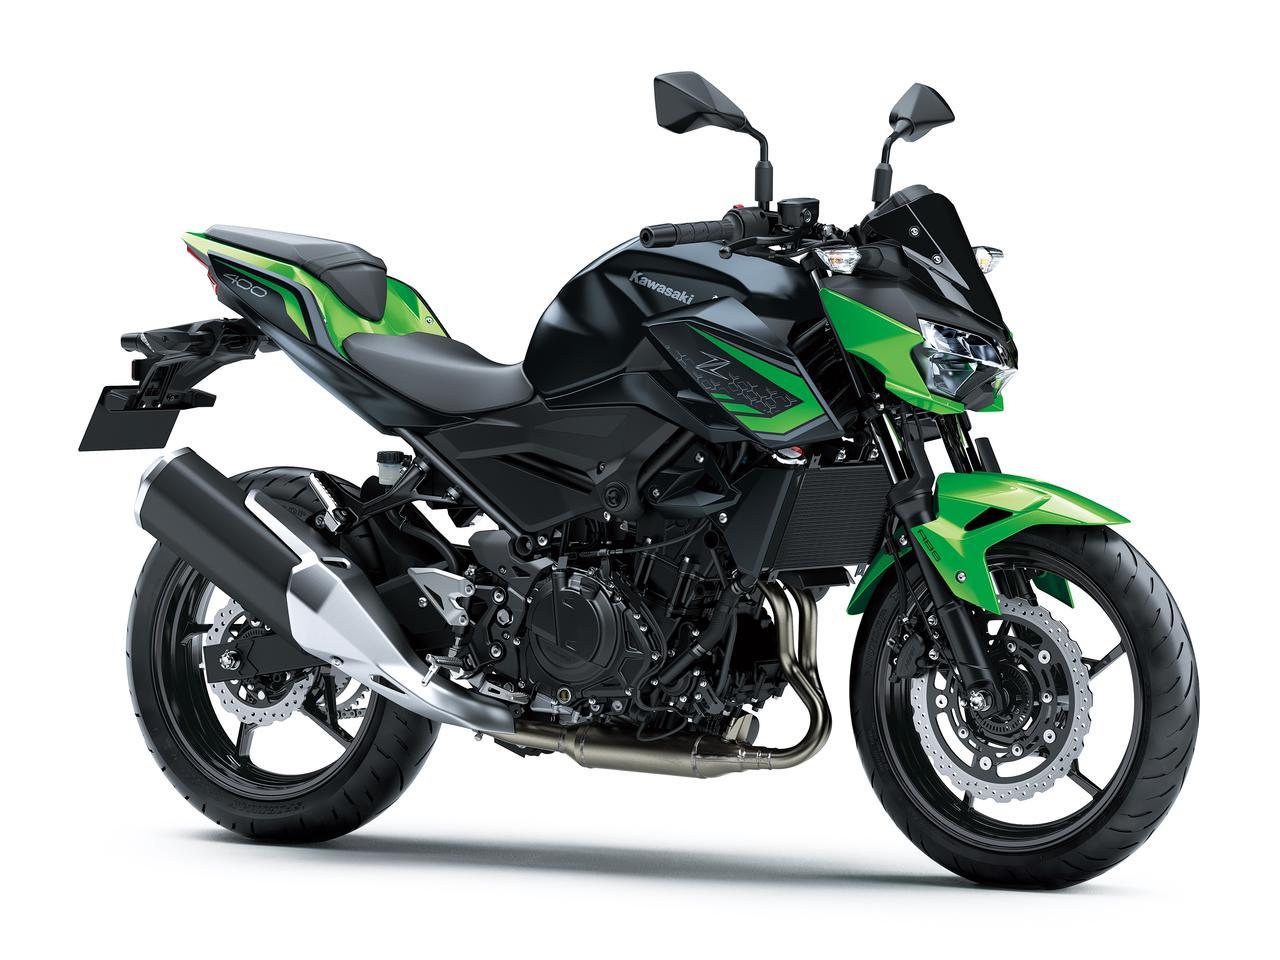 画像15: カワサキが「Z400」の2021年モデルを発売! ライムグリーンが再び登場【2021速報】